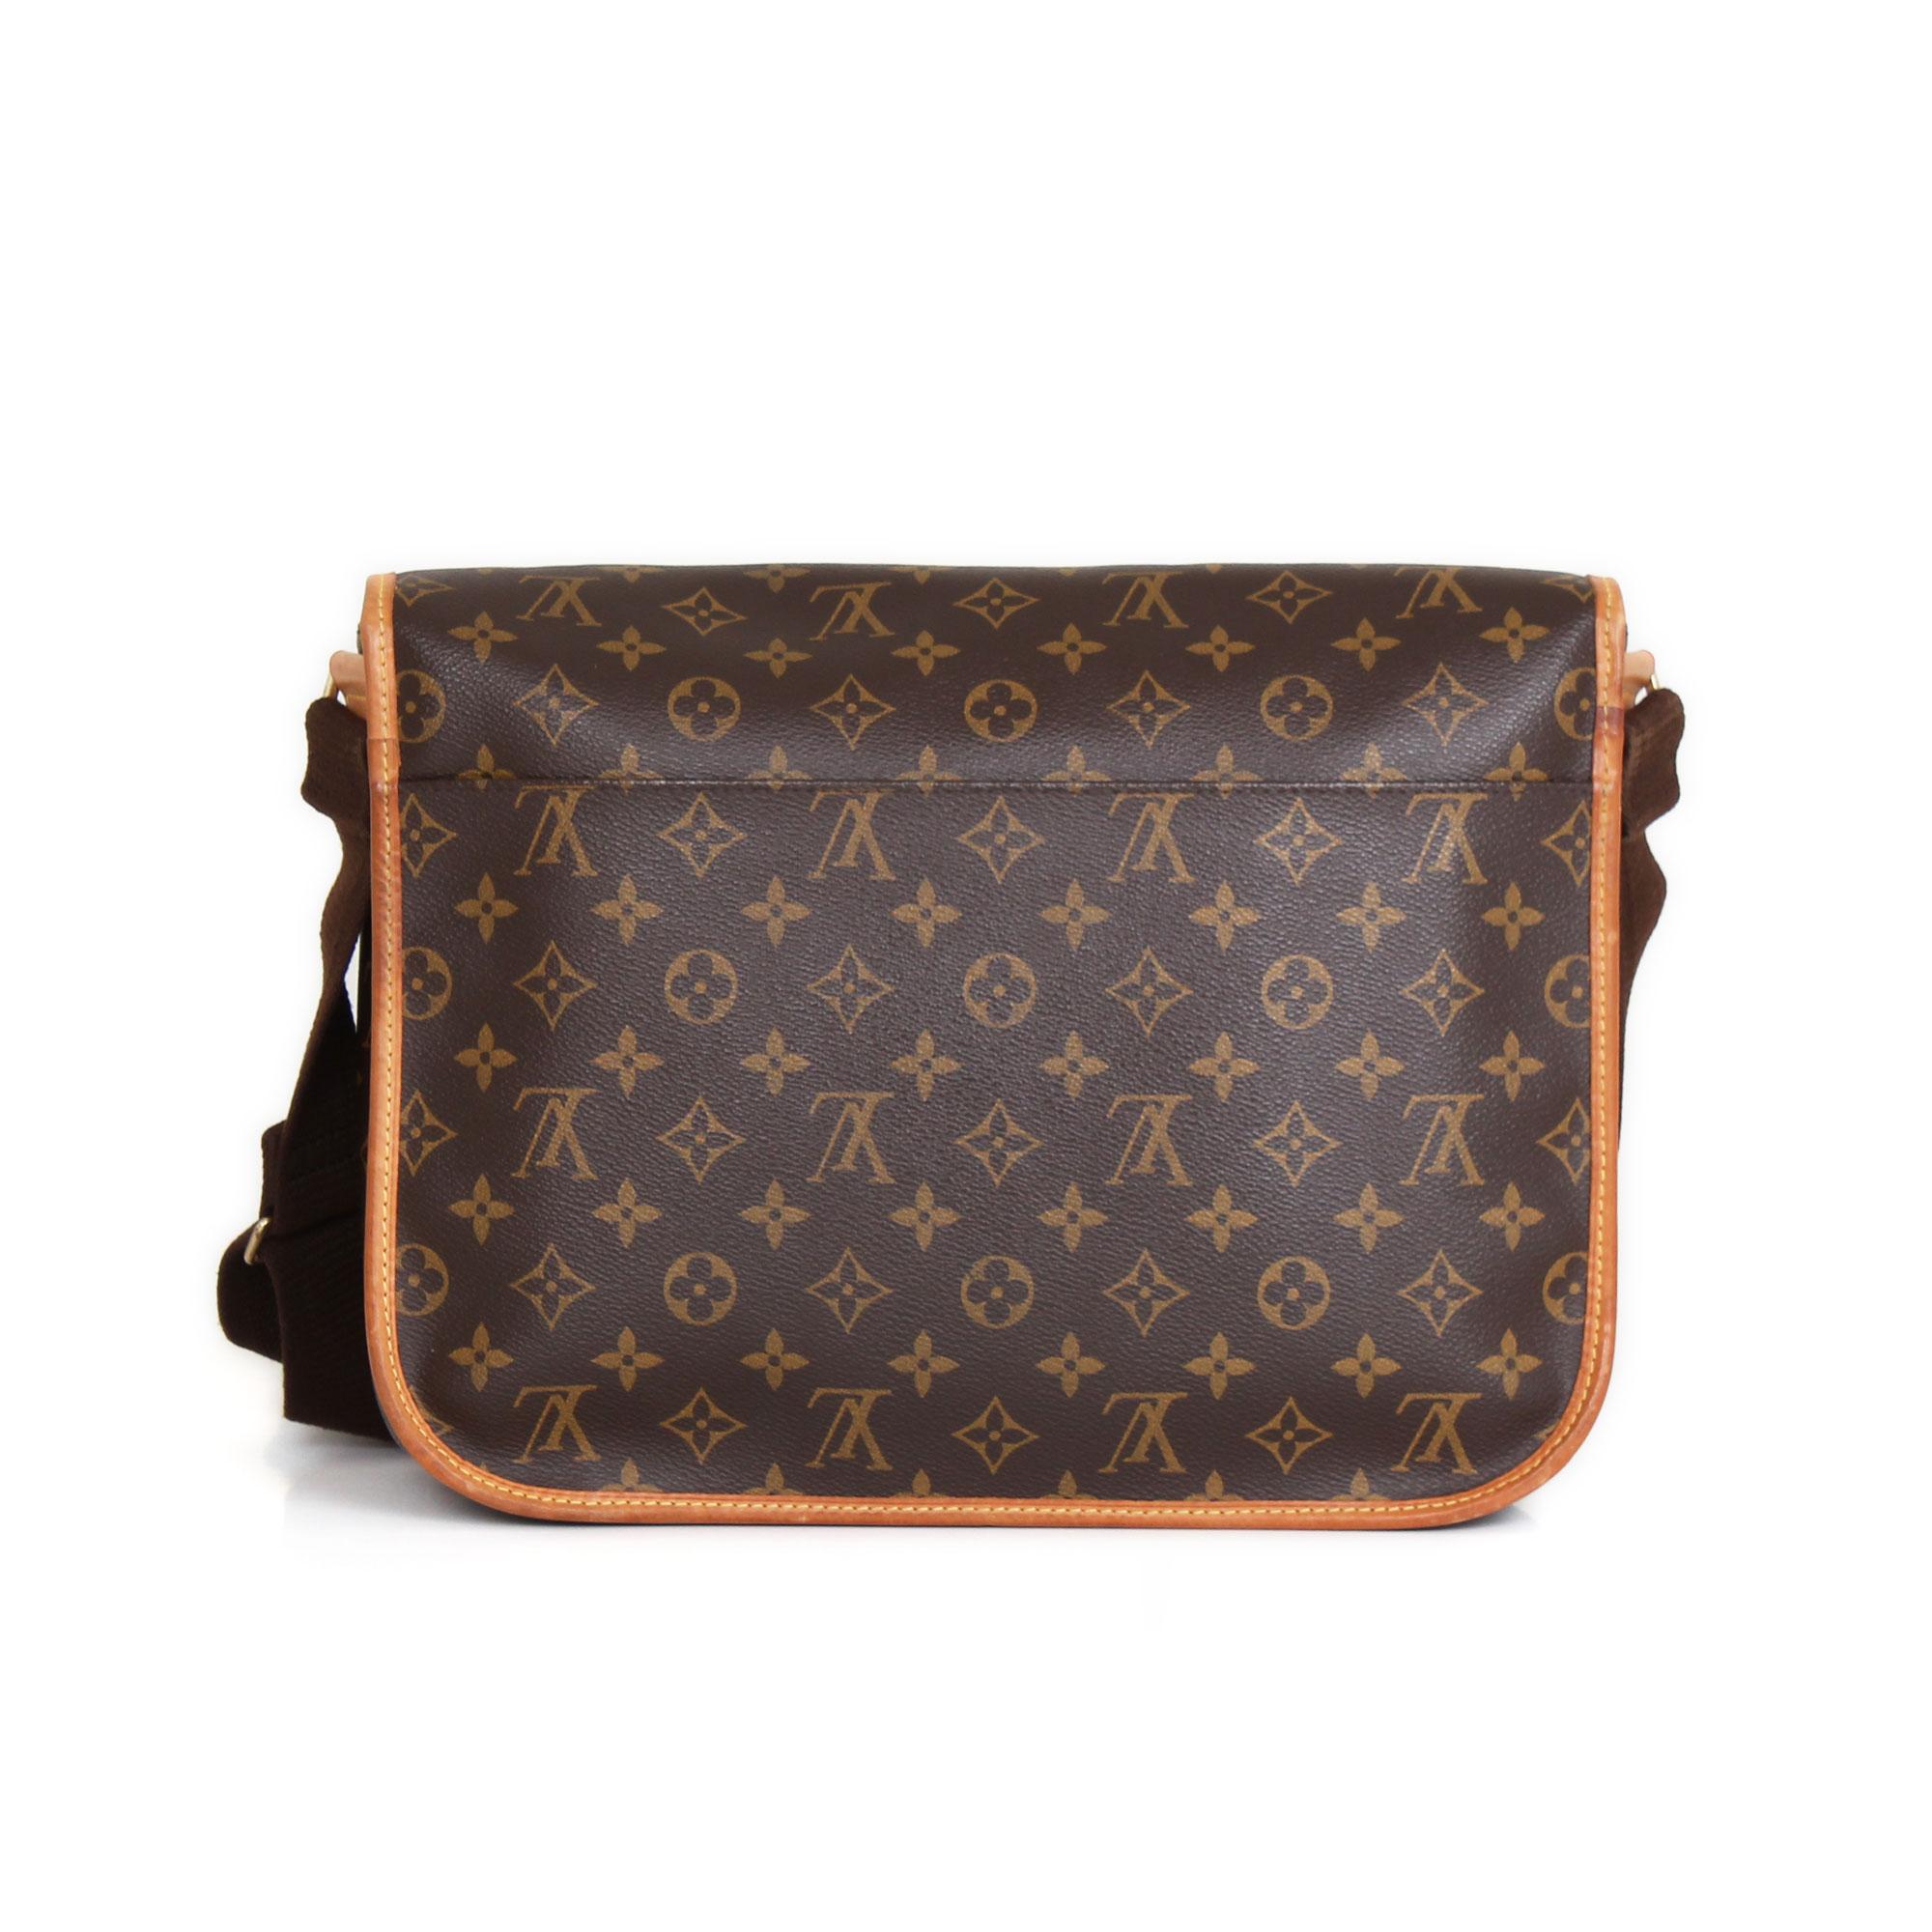 d8776c5d8851 Louis Vuitton Monogram Bosphore GM Messenger Bag